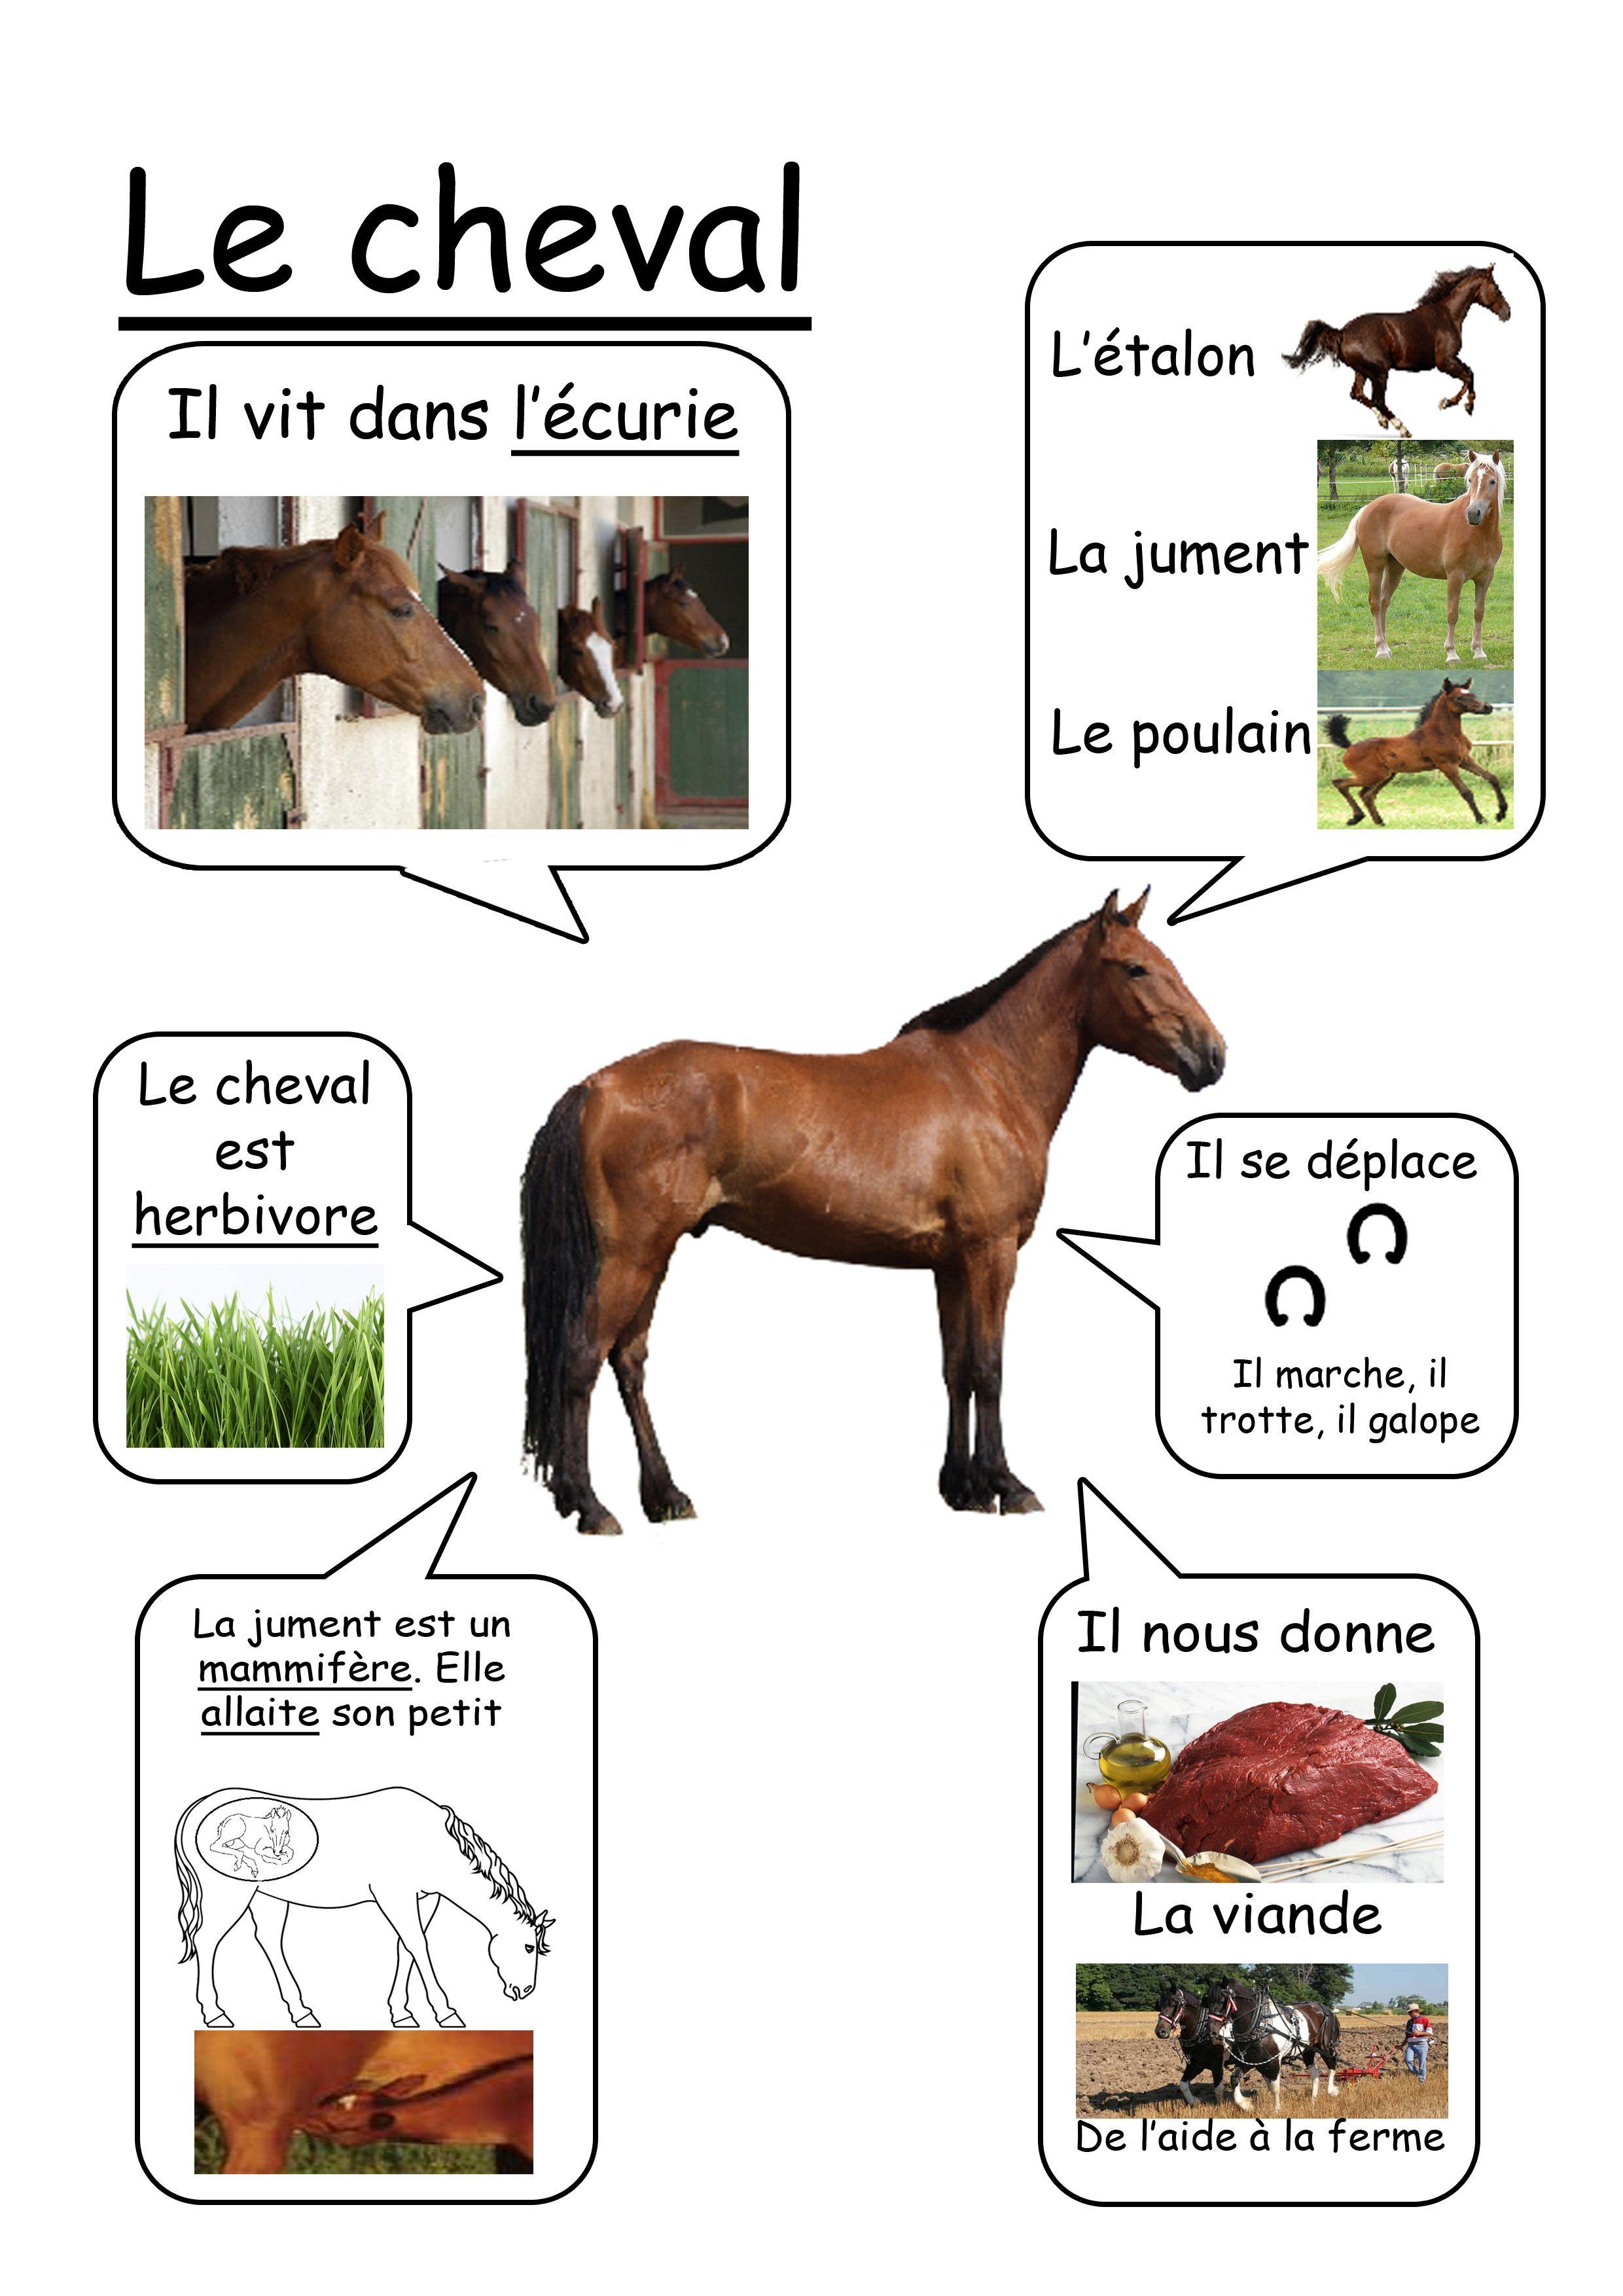 Inspirant Petite Image De Chevaux A Imprimer